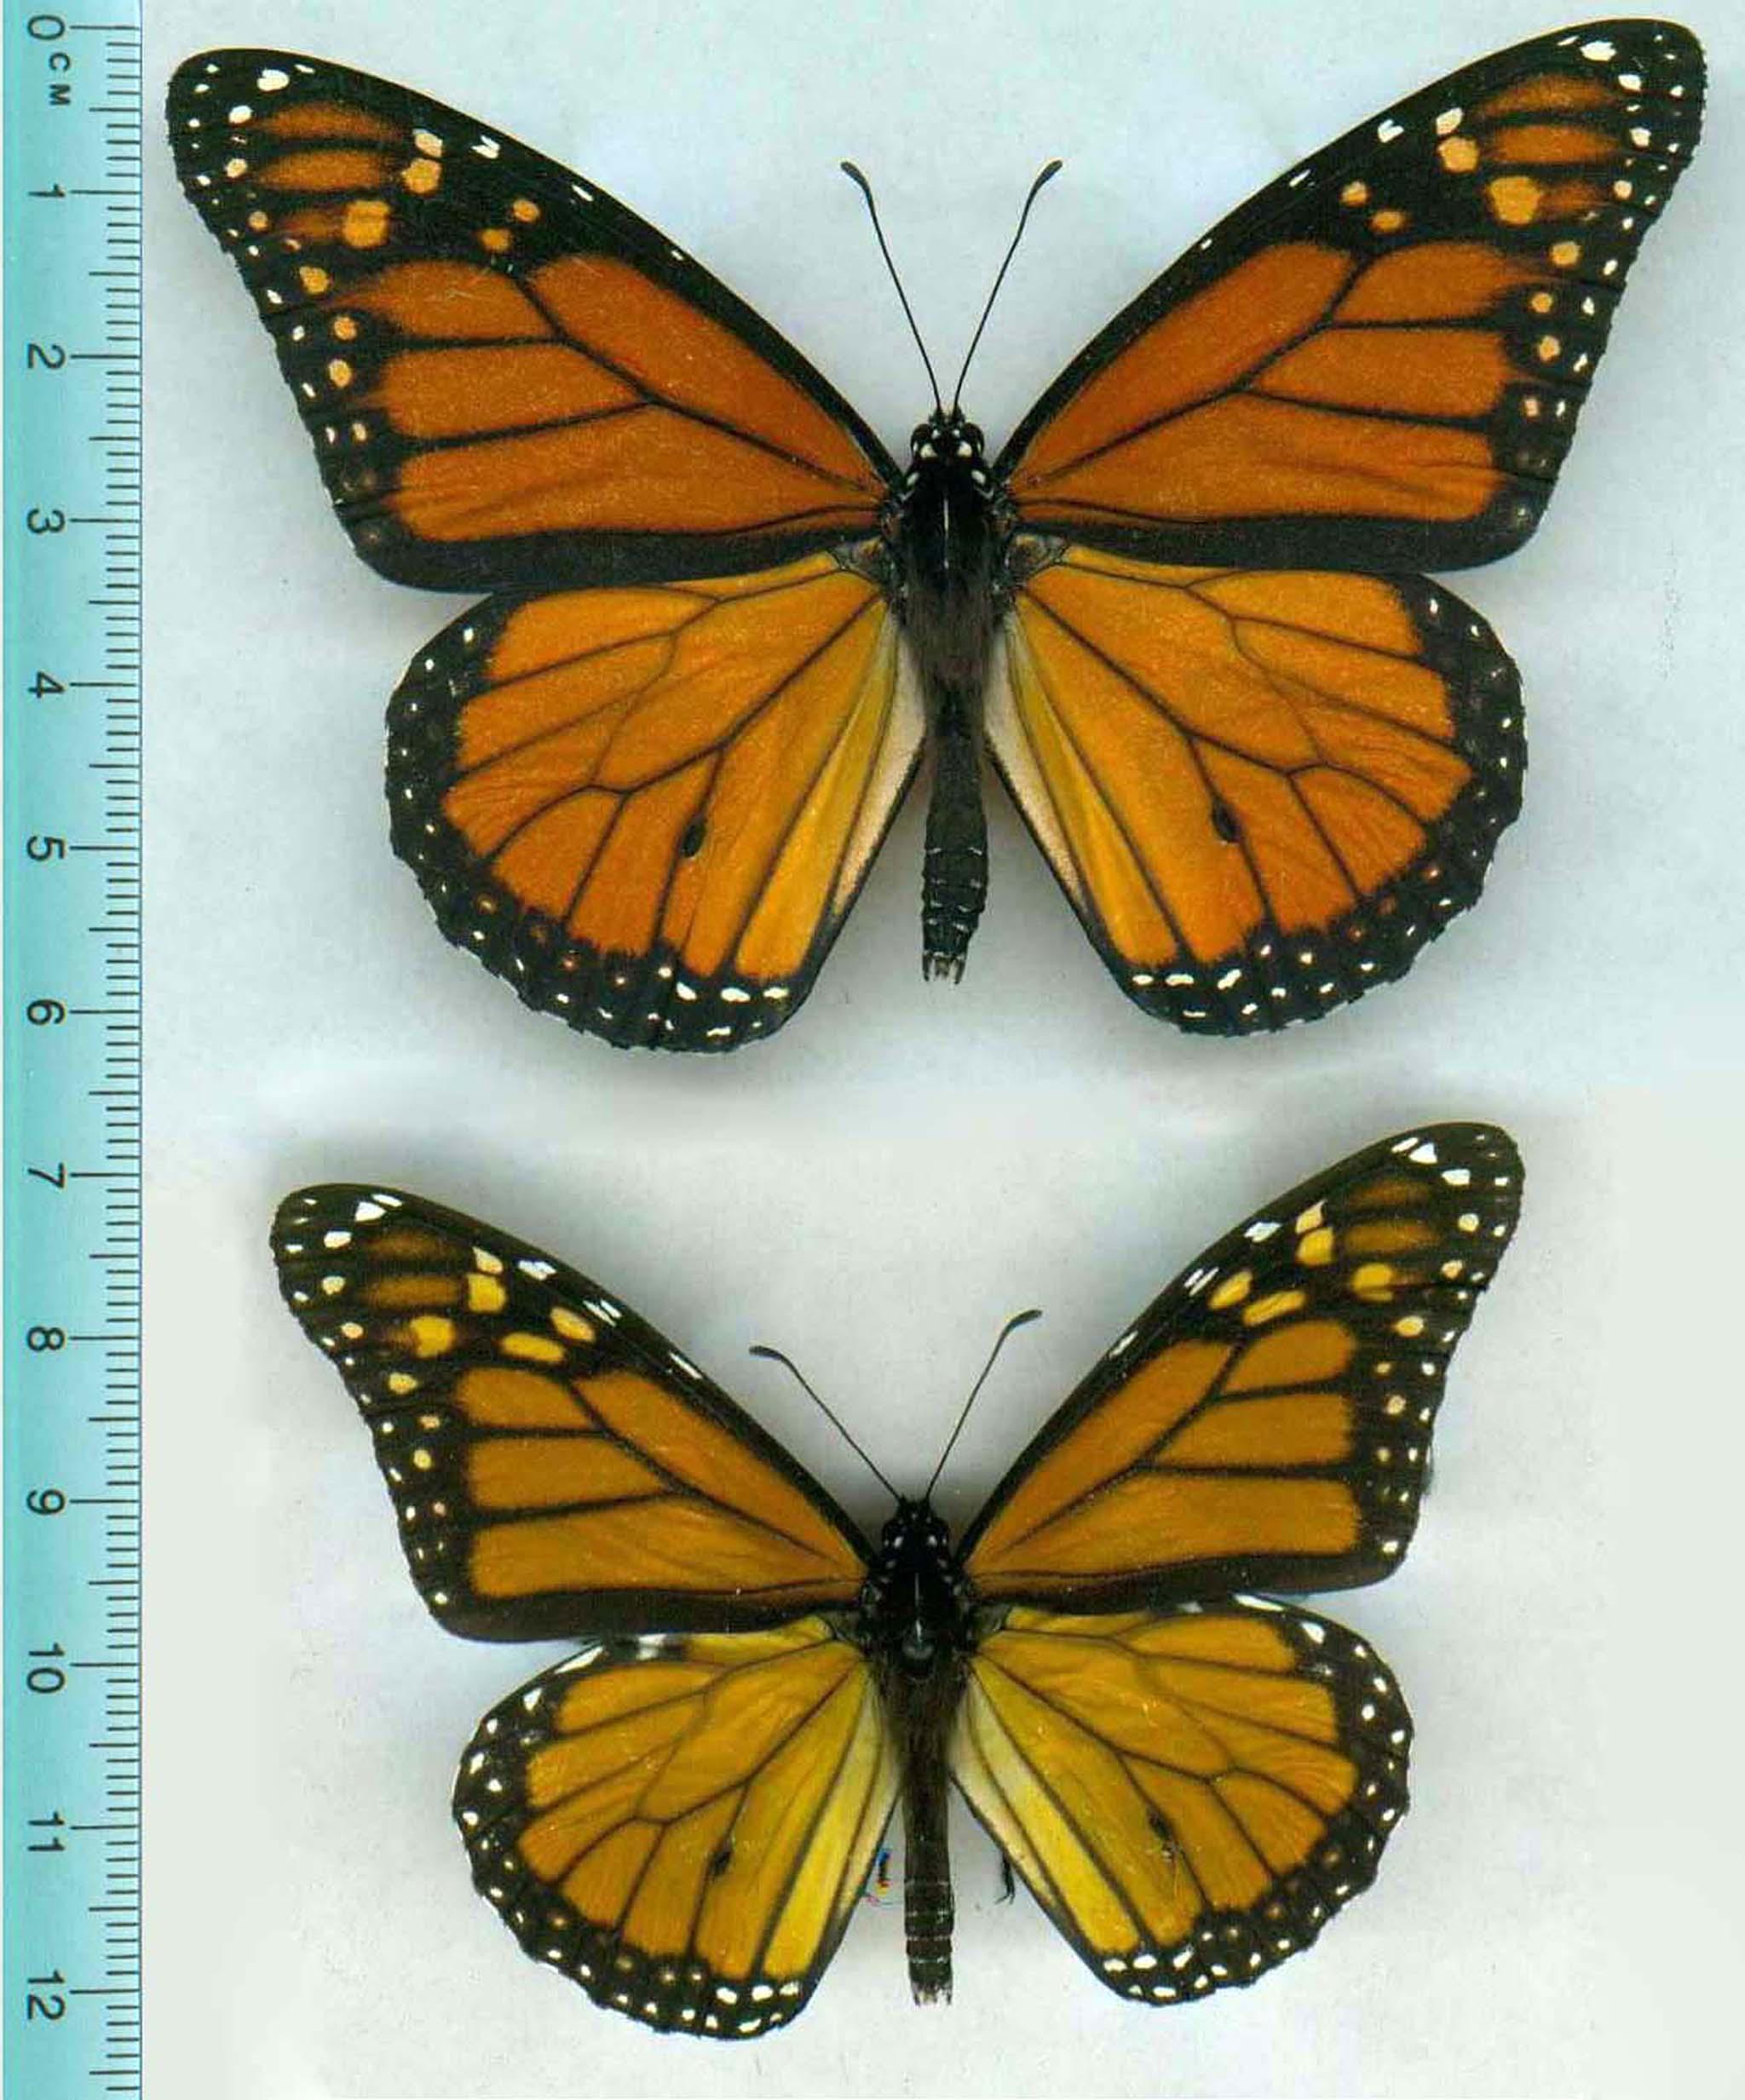 Monarch Butterflies Shrink Get Paler After Skipping A